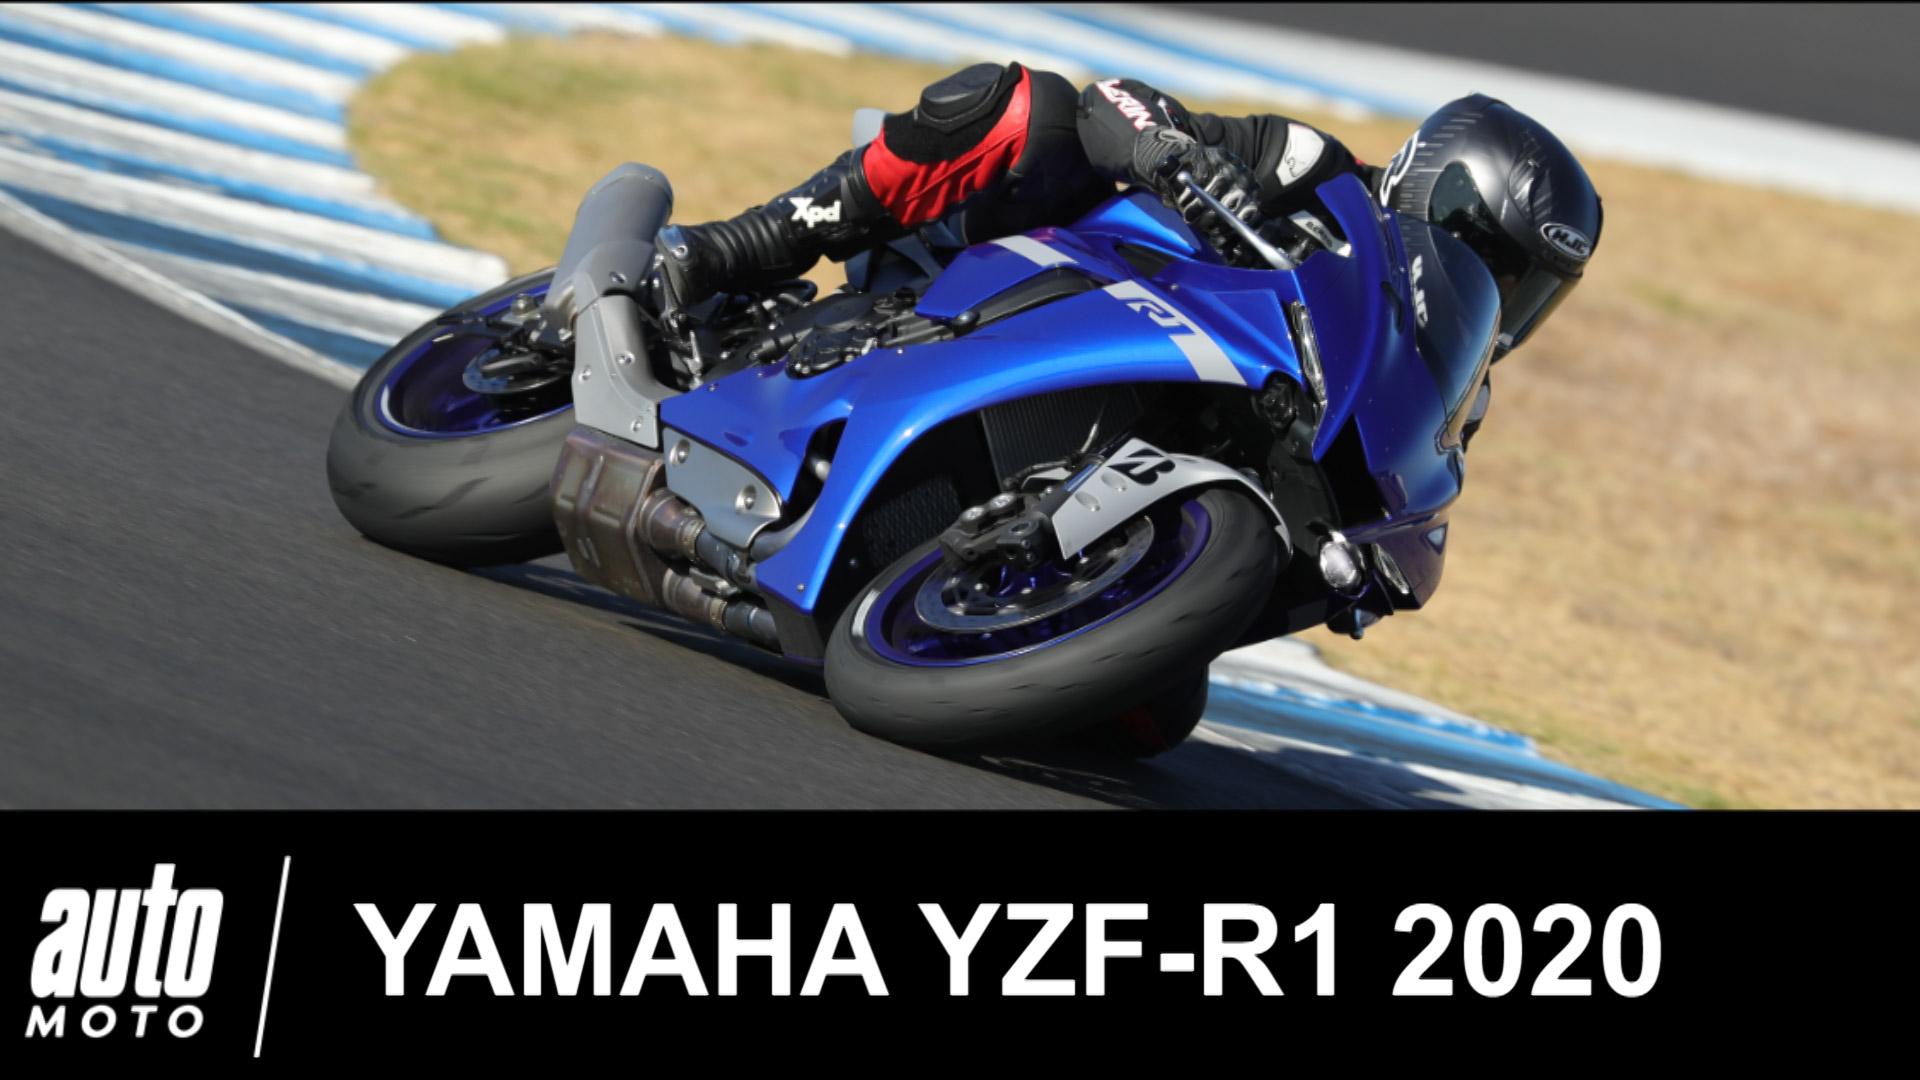 Essai Yamaha YZF-R1 2020 de 200 ch pour 201 kg sur le circuit de Jerez